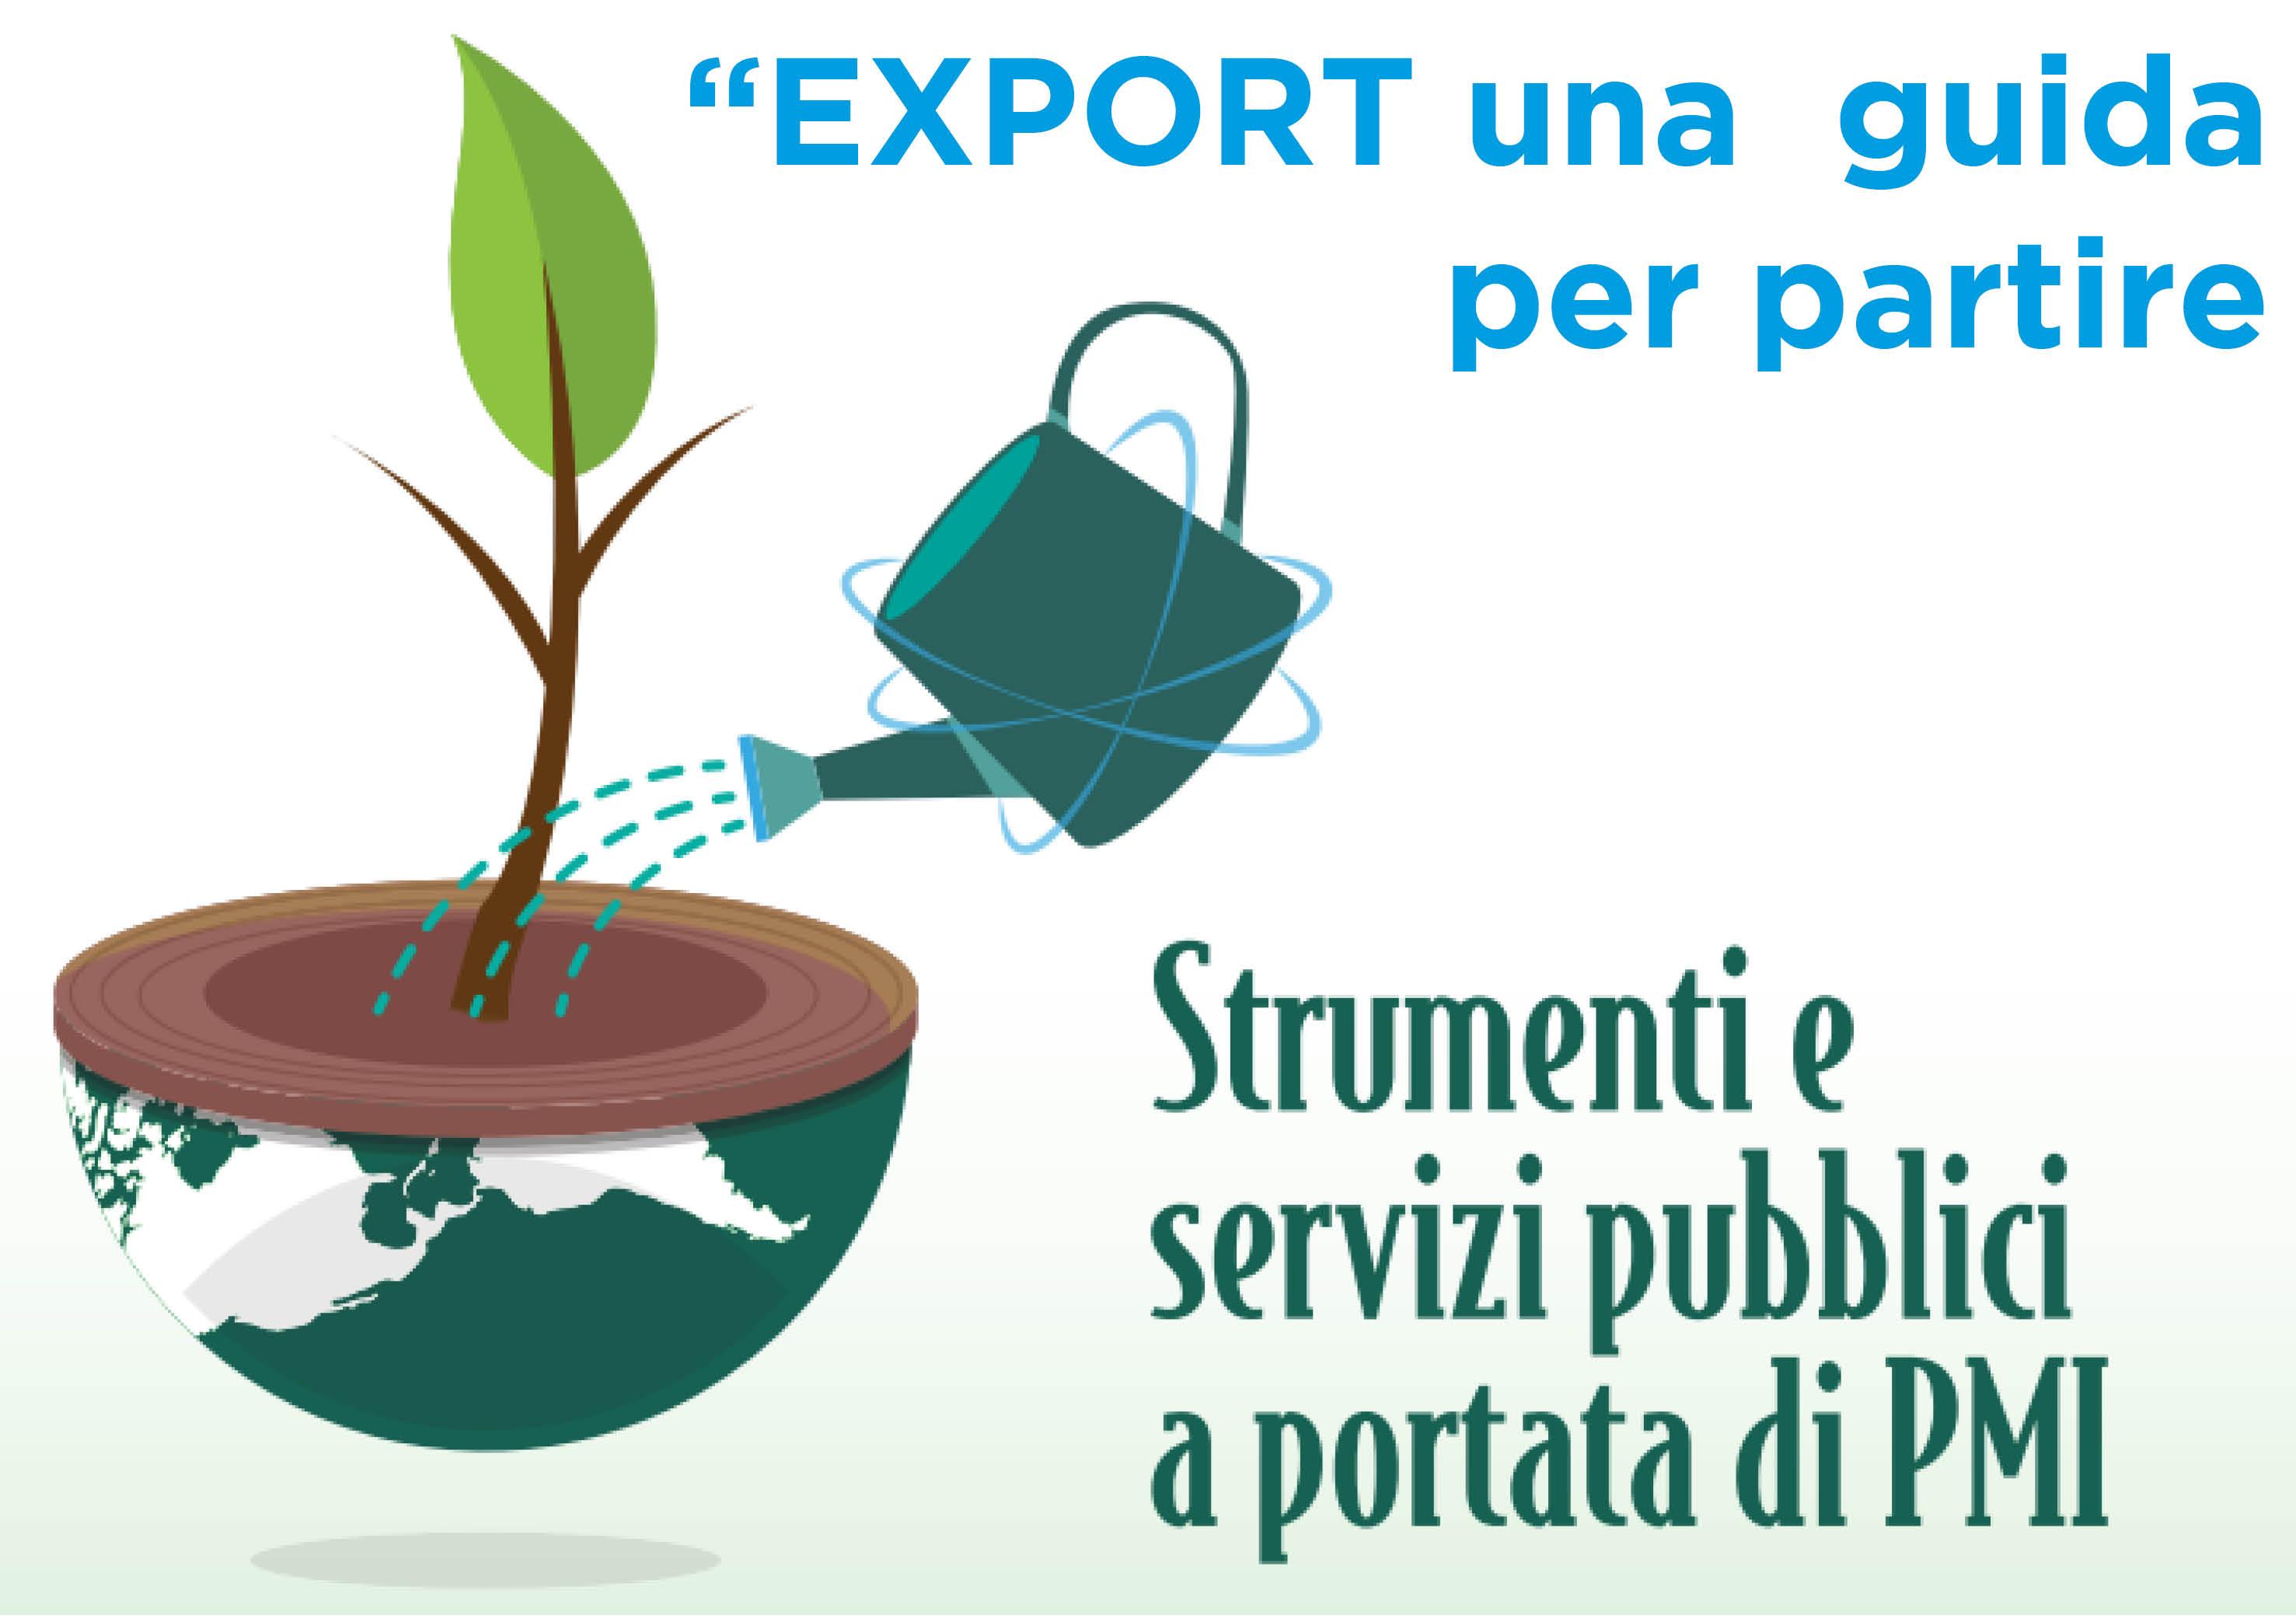 Patto per l''export e presentazione dell''e-book ''EXPORT una guida per partire''